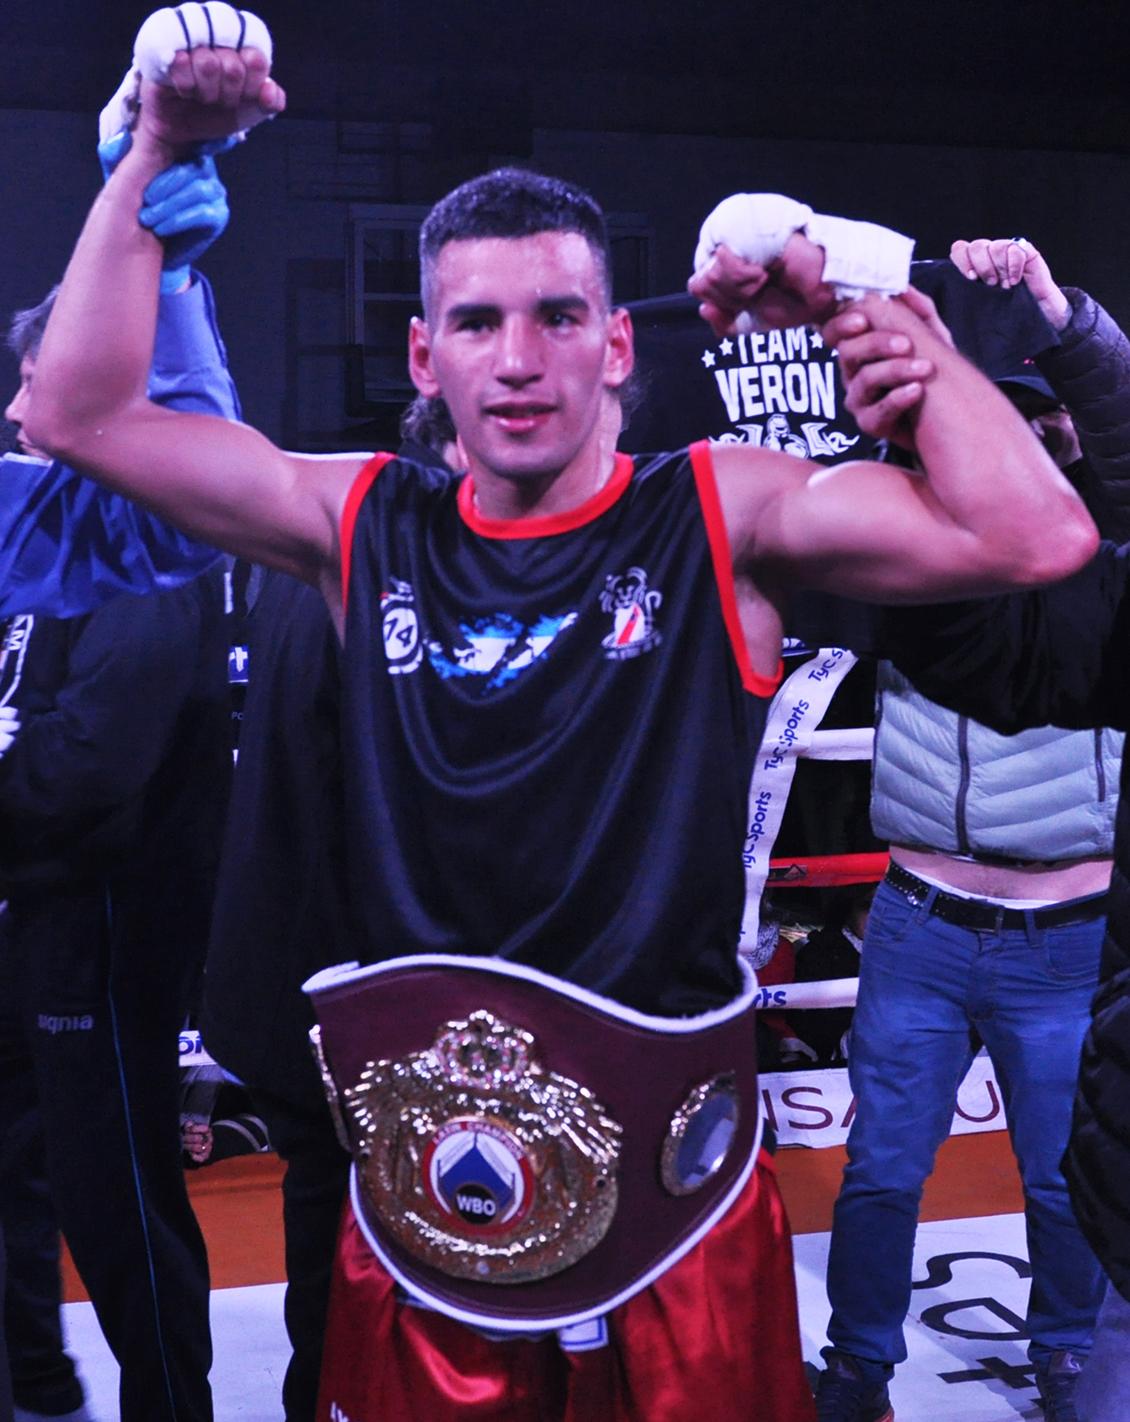 LuisVerón-GanadorJonthanEnizABP1